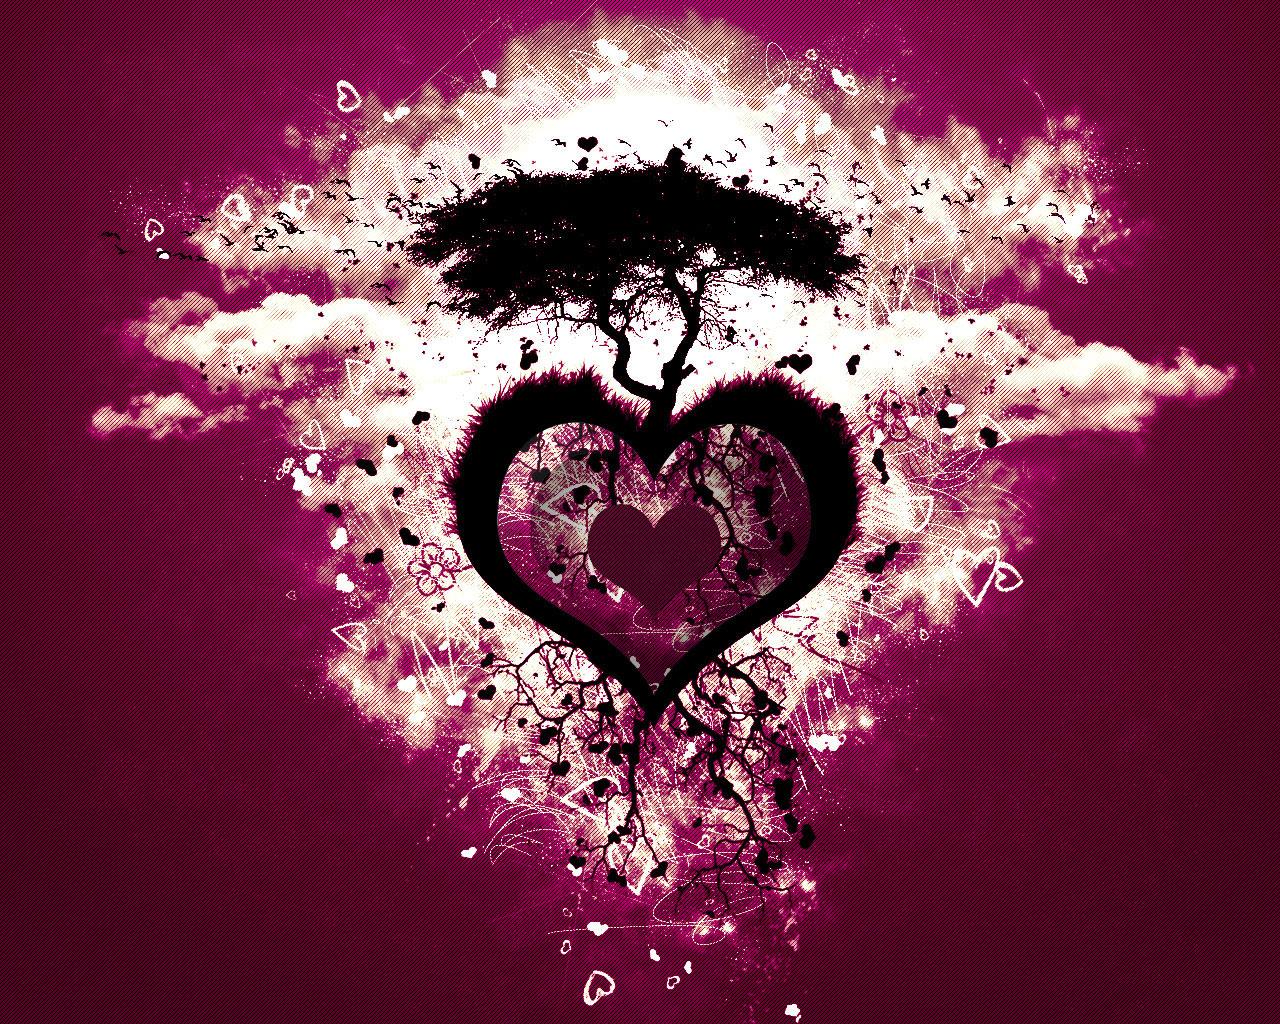 قلوب للفلانتين (6)